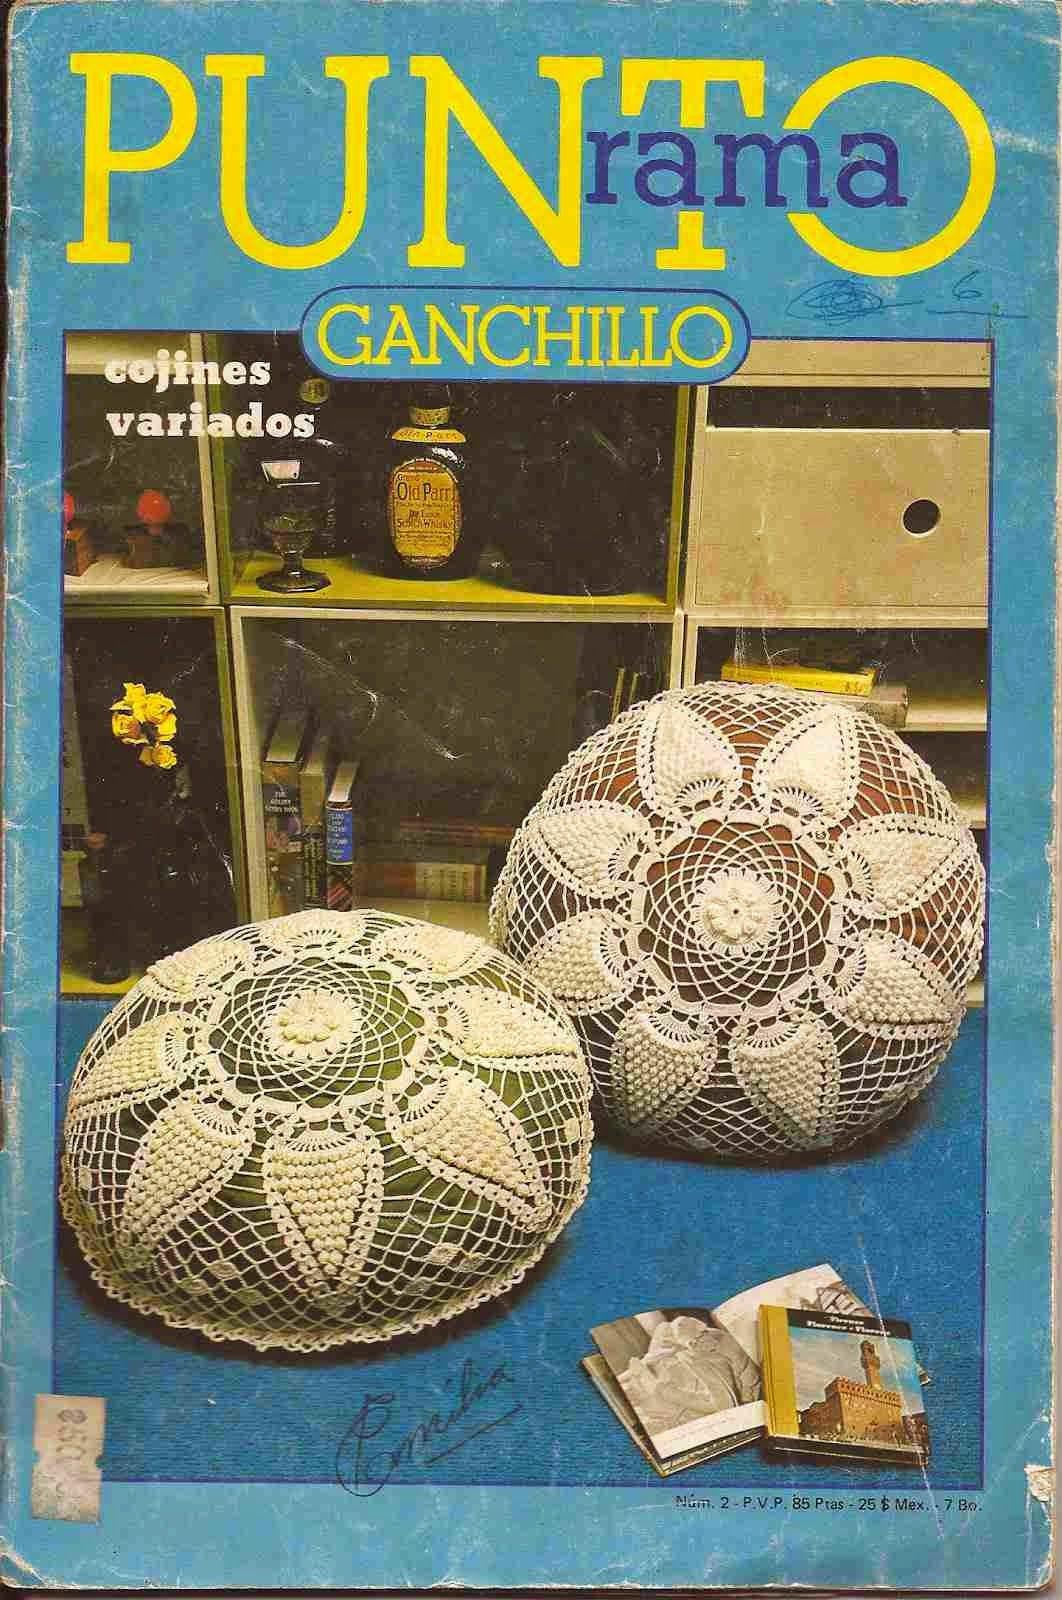 r punto rama ganchillo cojines variados patrones de crochet